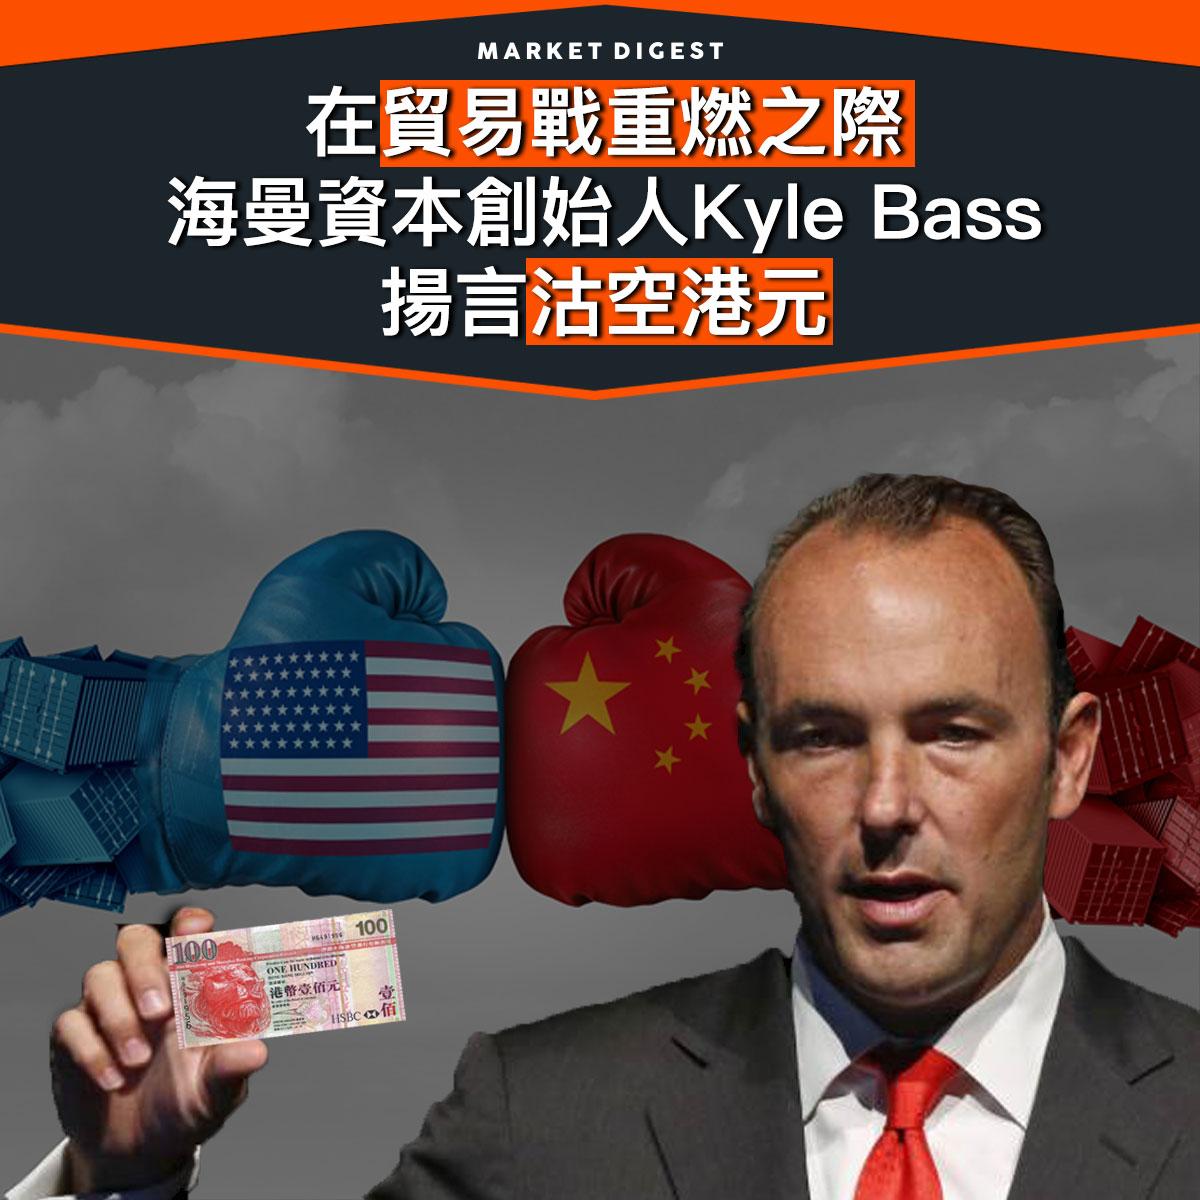 在貿易戰重燃之際  海曼資本創始人Kyle Bass 揚言沽空港元